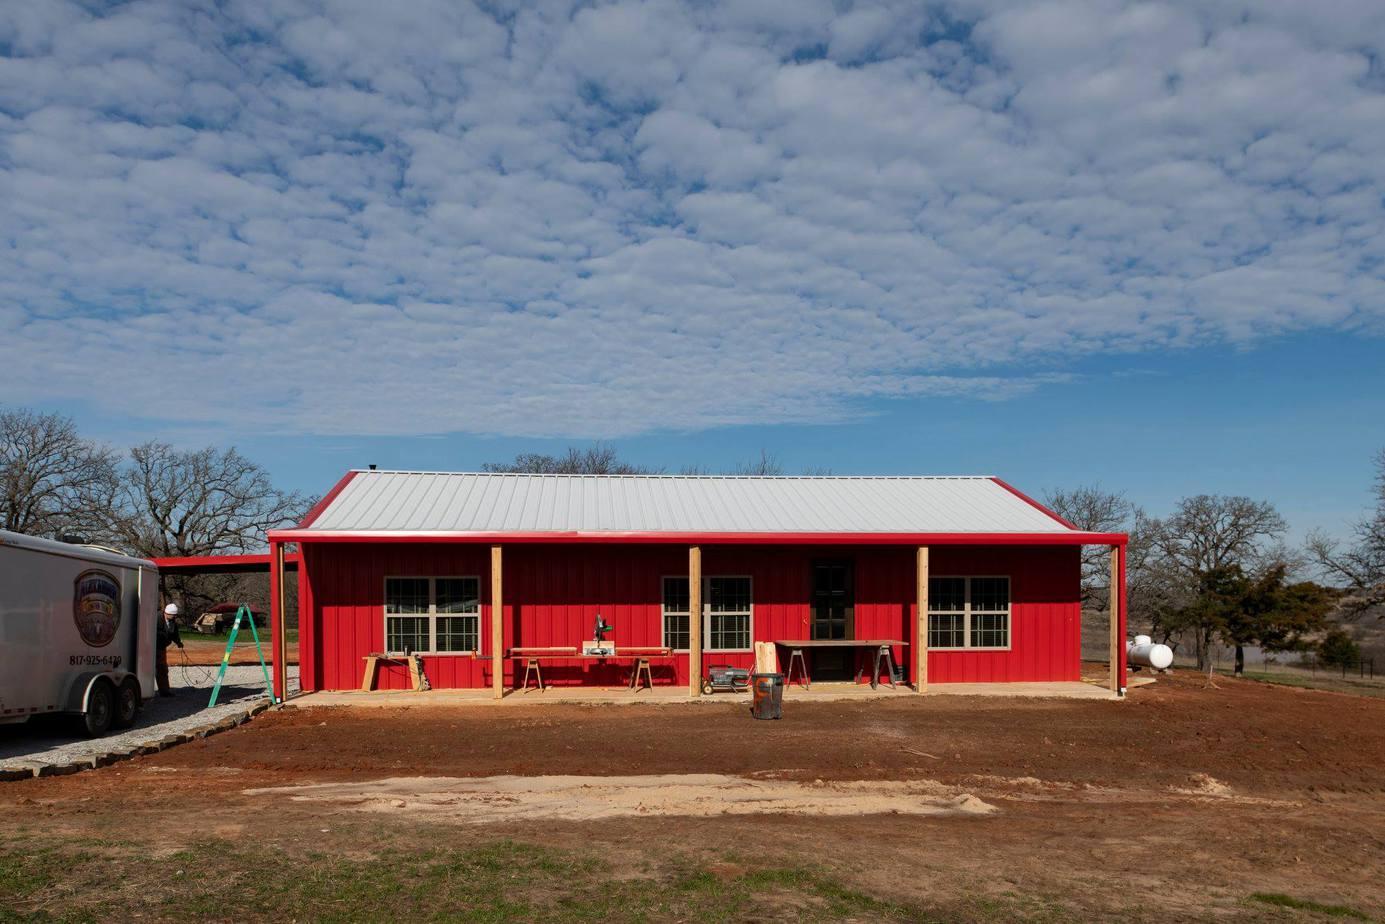 Alvord Texas Red Barndominium